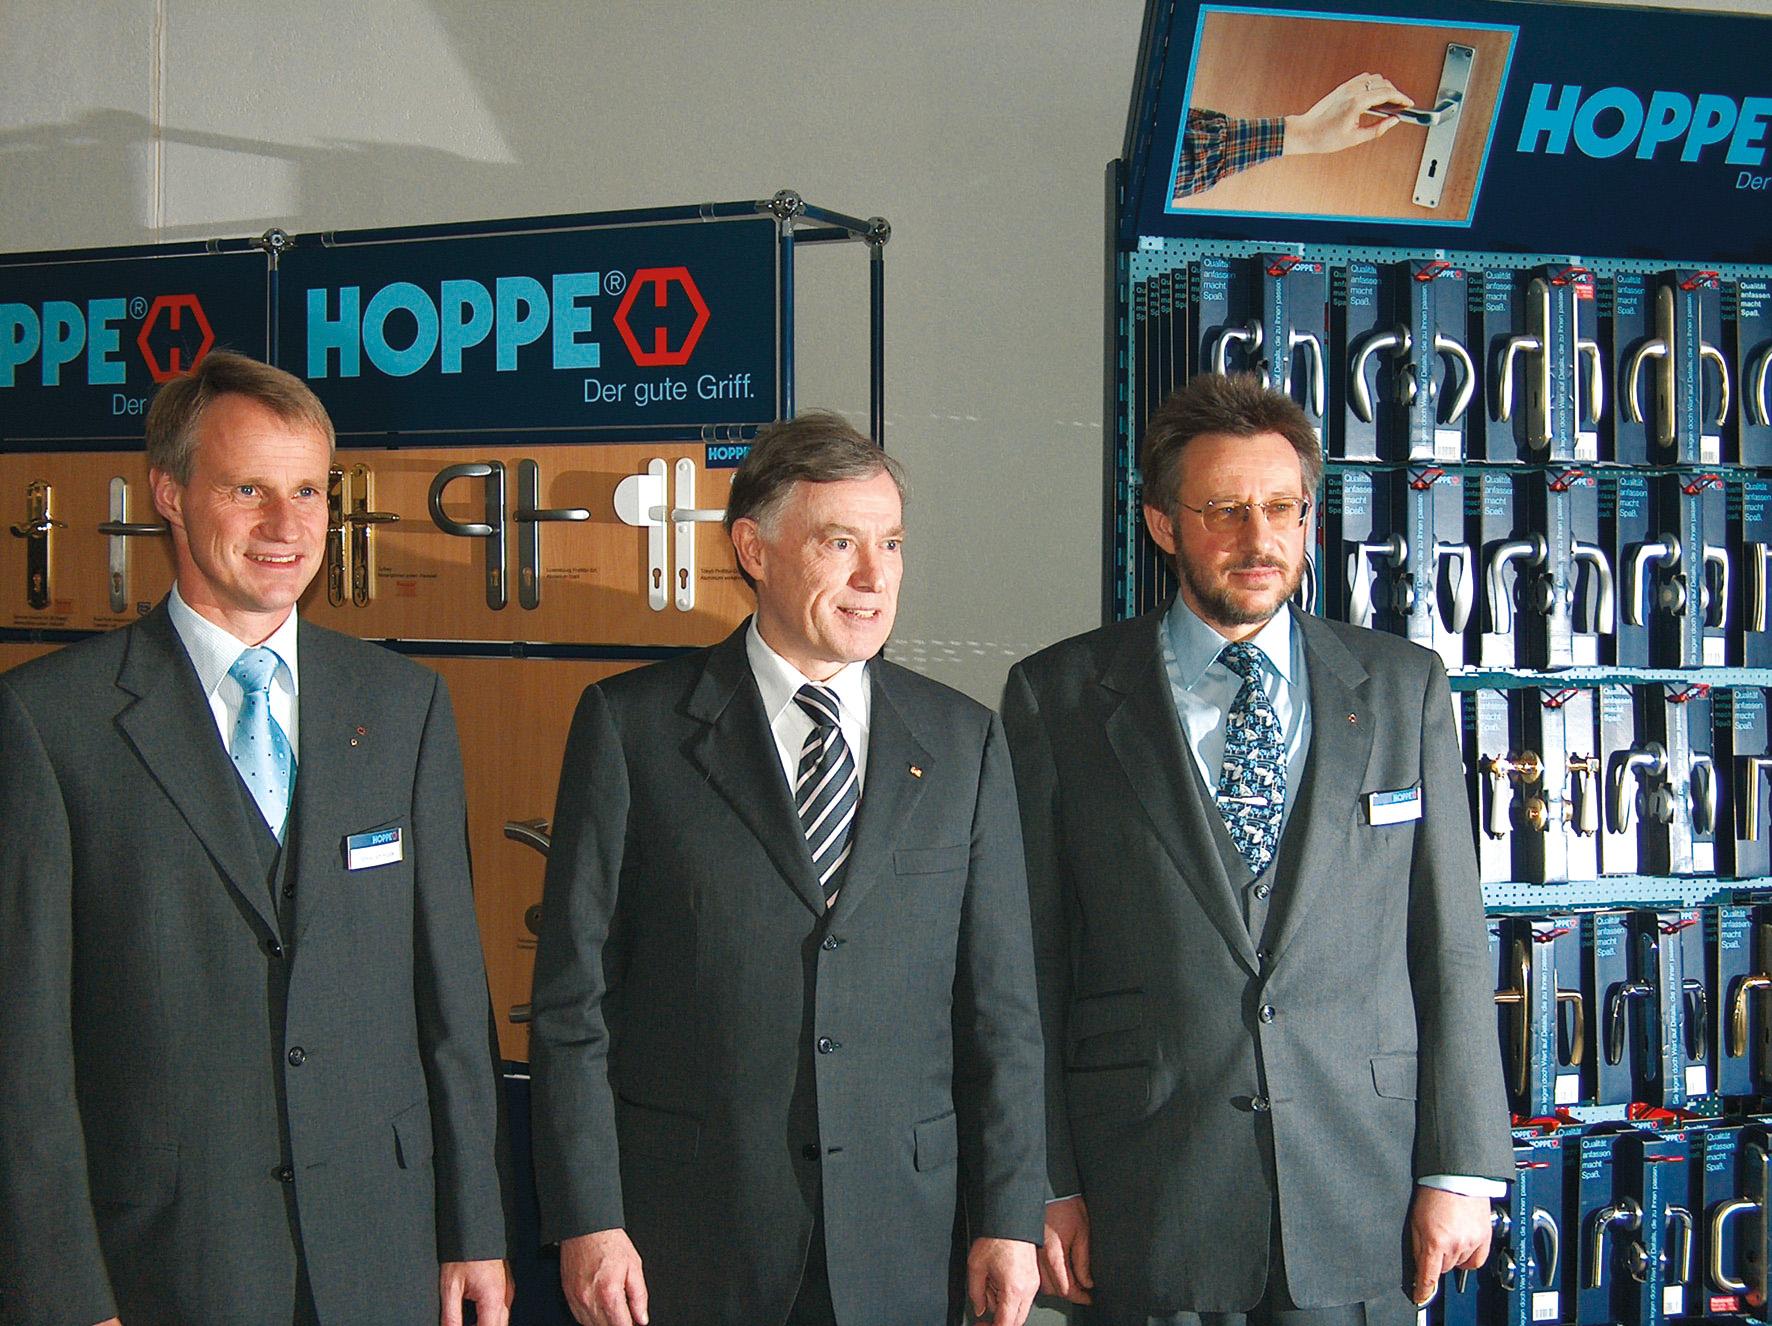 9-12-2005: Bezoek van bondspresident Köhler (midden) aan de HOPPE fabriek in Crottendorf